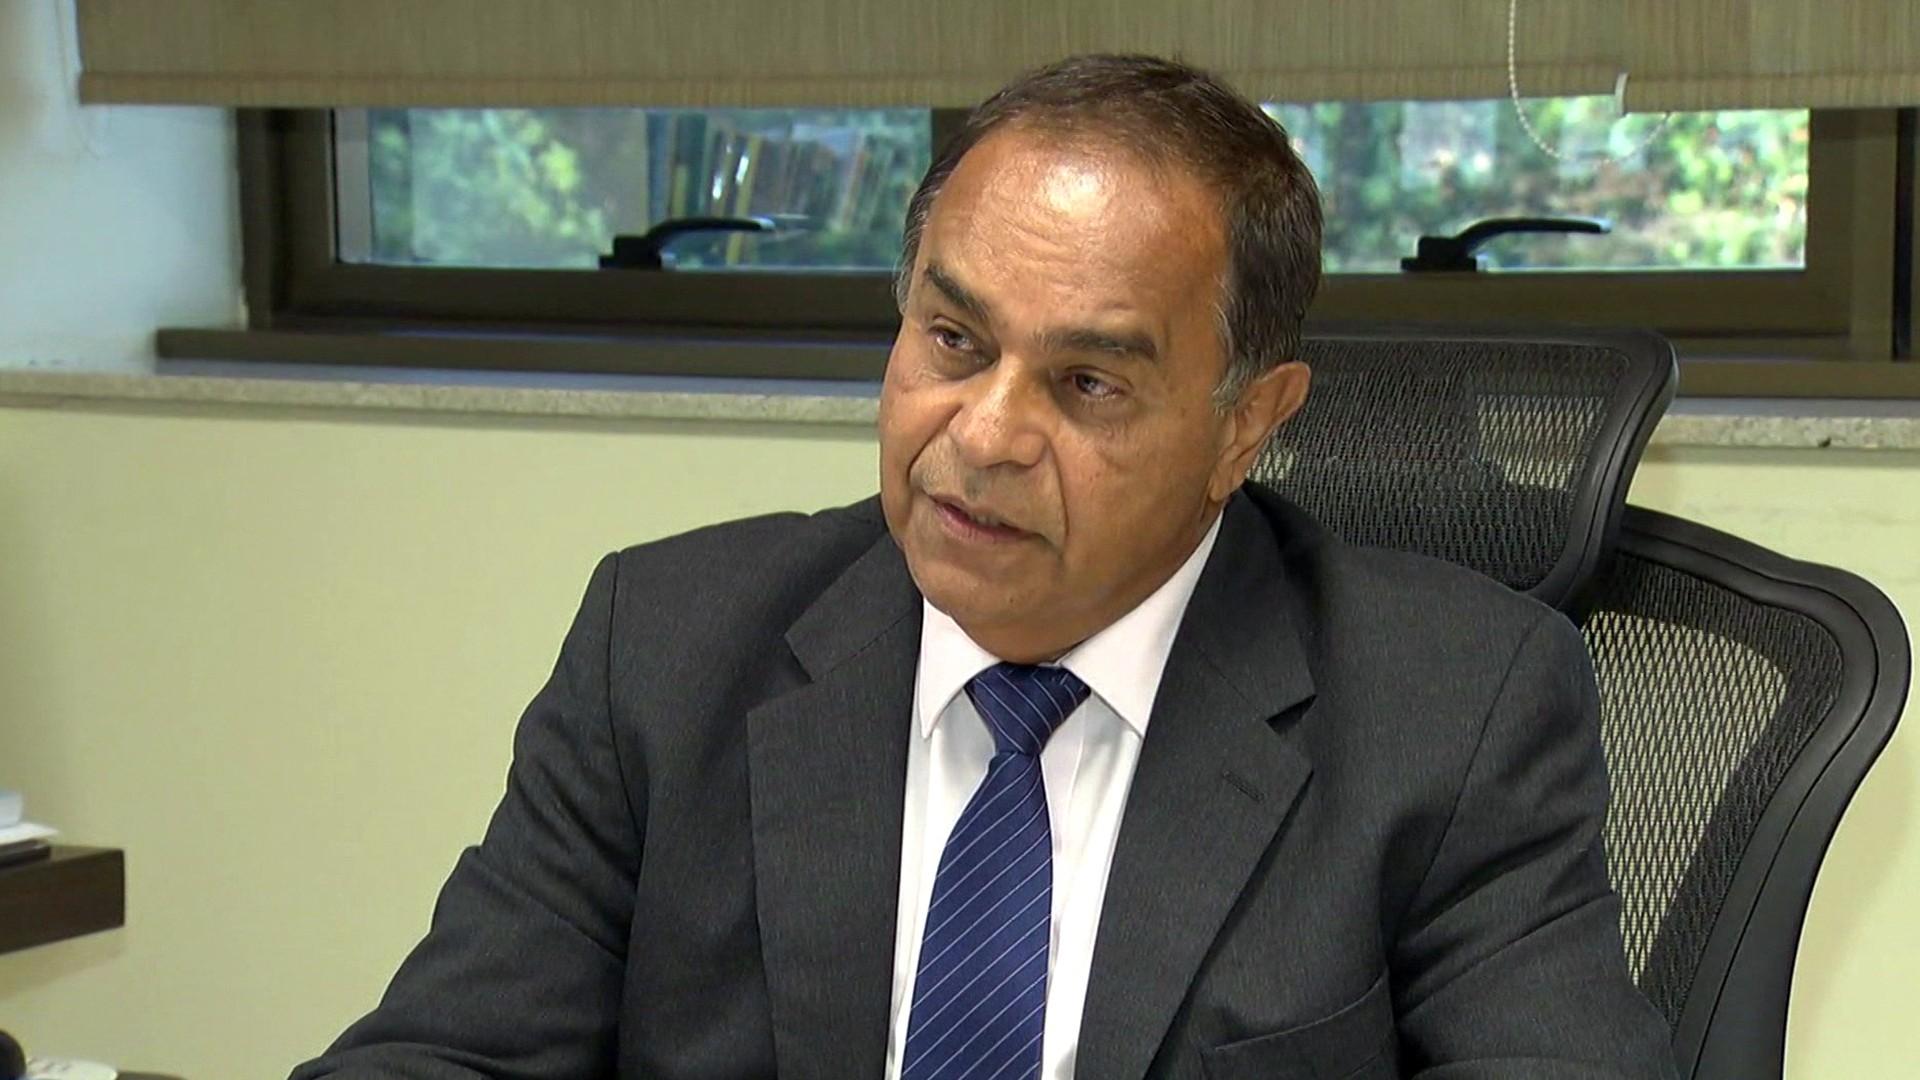 Mensagens em celular de miliciano do RJ corroboram venda de decisões judiciais de Siro Darlan, diz MPF